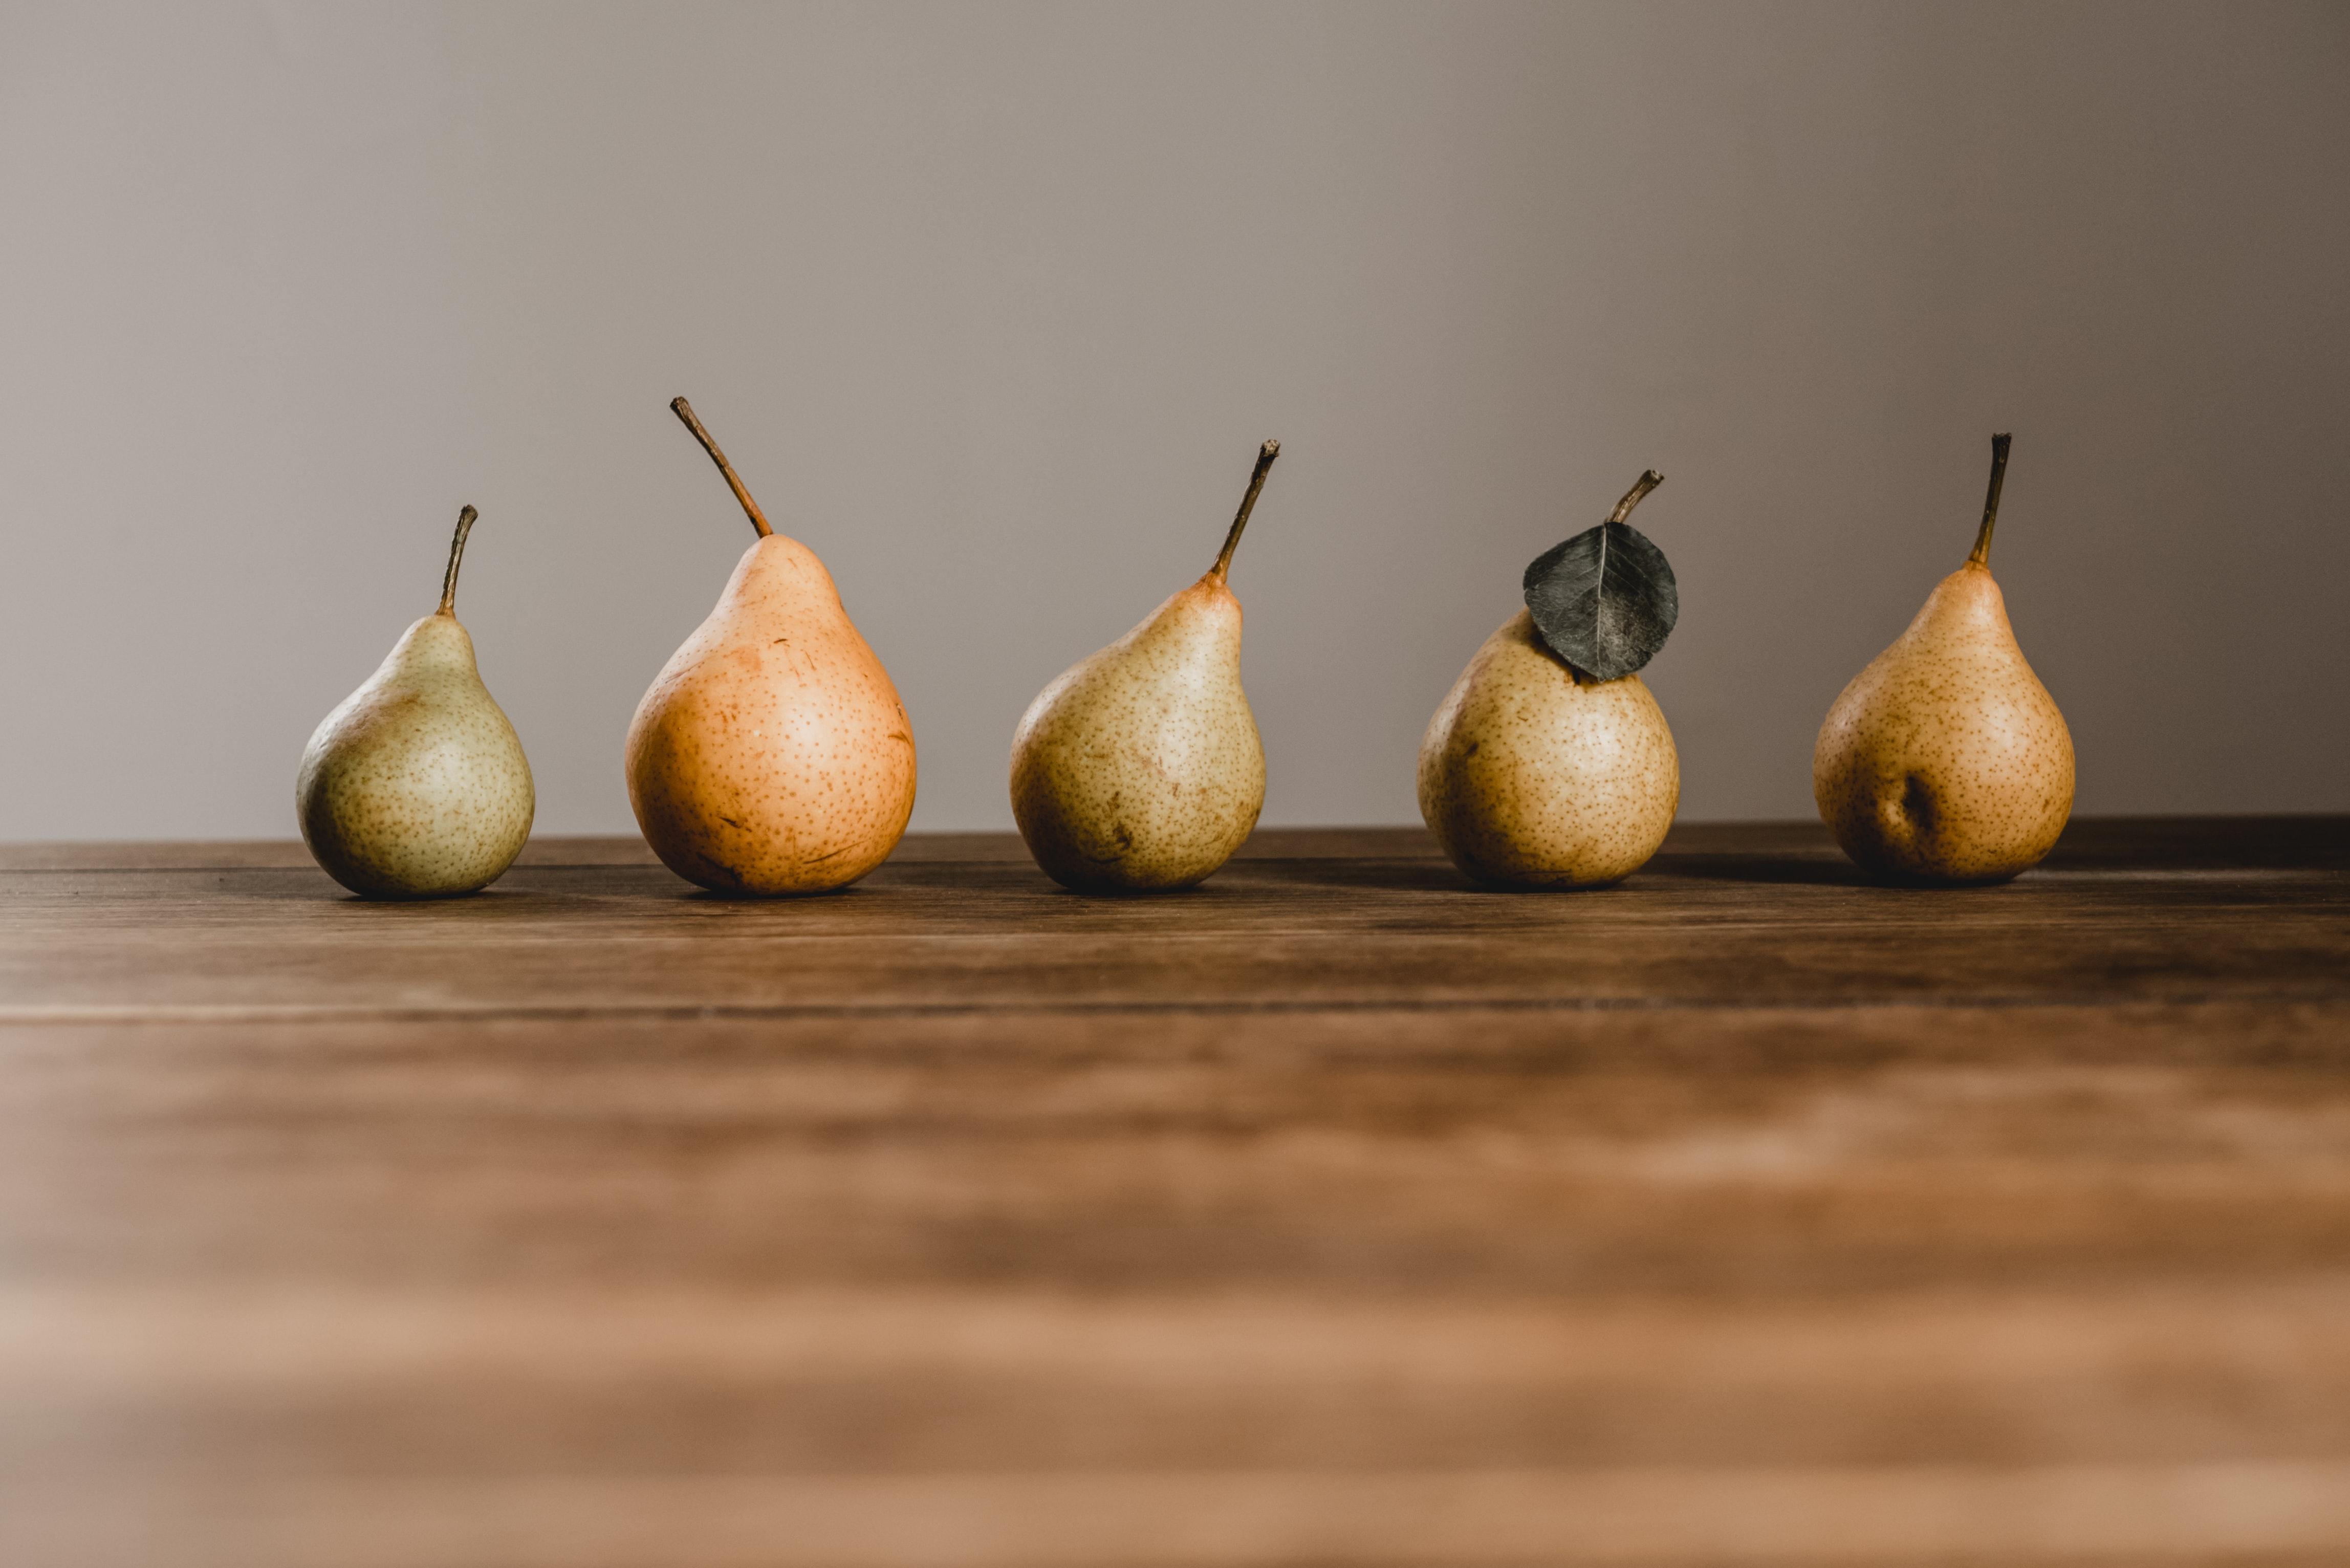 frugt, pære, madspild. (Foto: Unsplash)